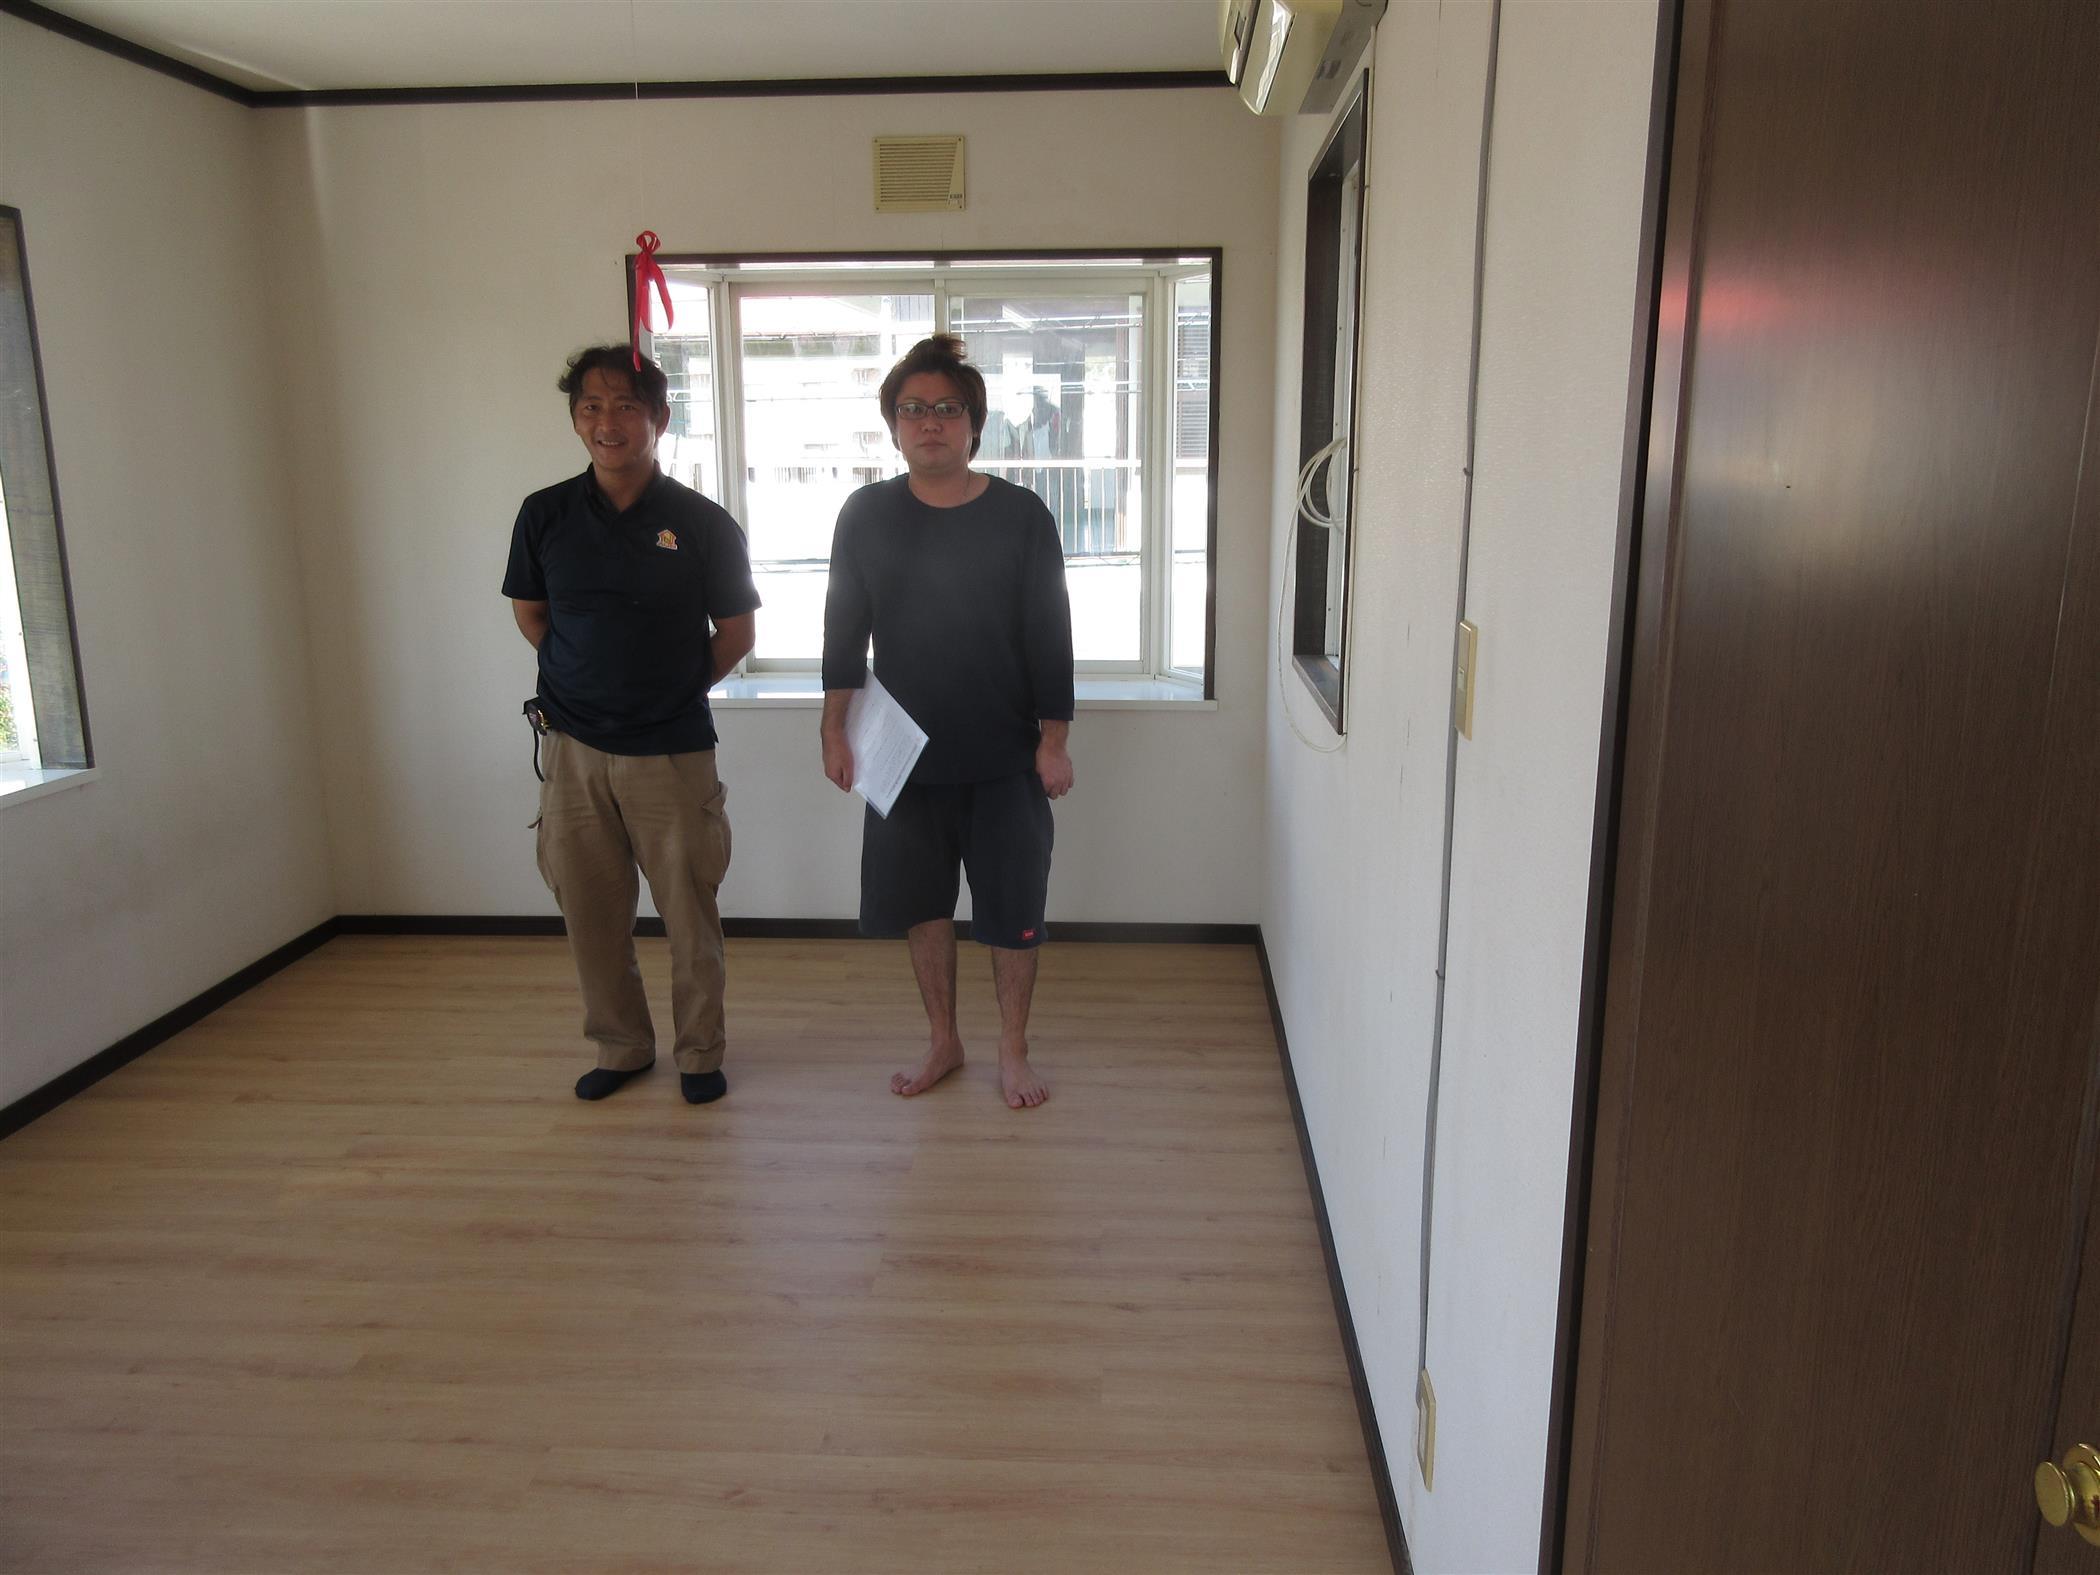 沖縄・那覇のリフォーム 実際のお客様の写真:床の張り替え工事